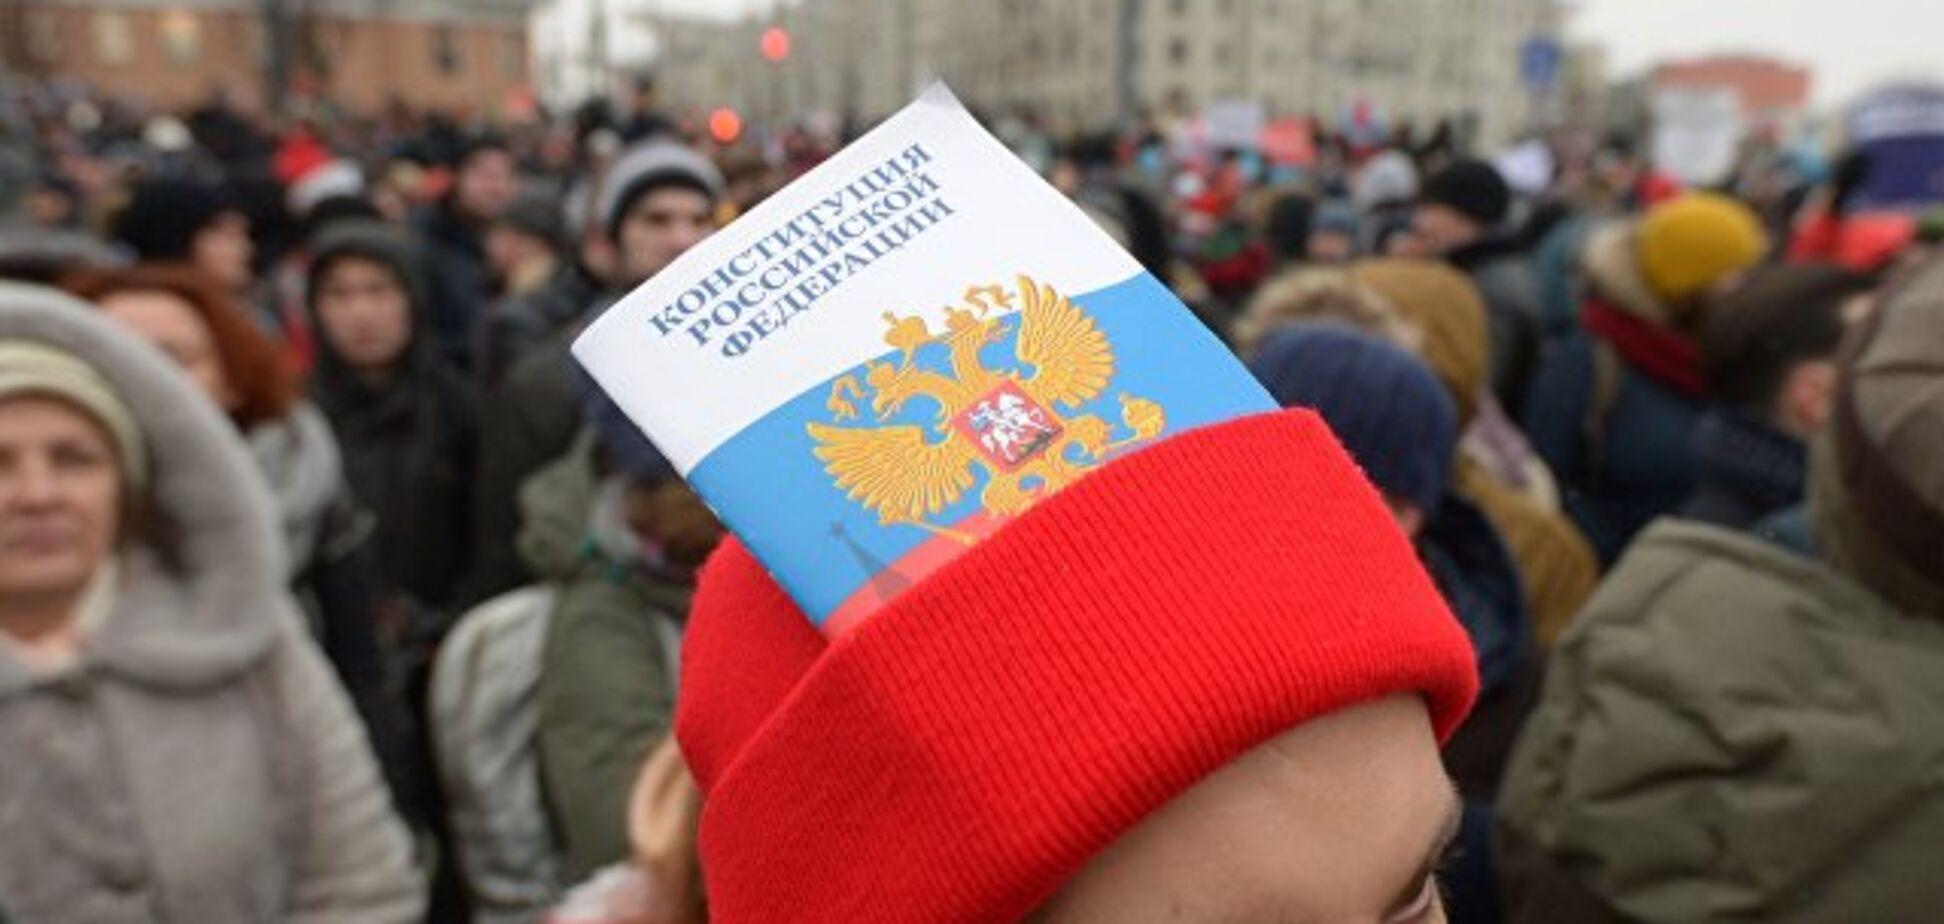 Письма из России: страх уже у общества в целом